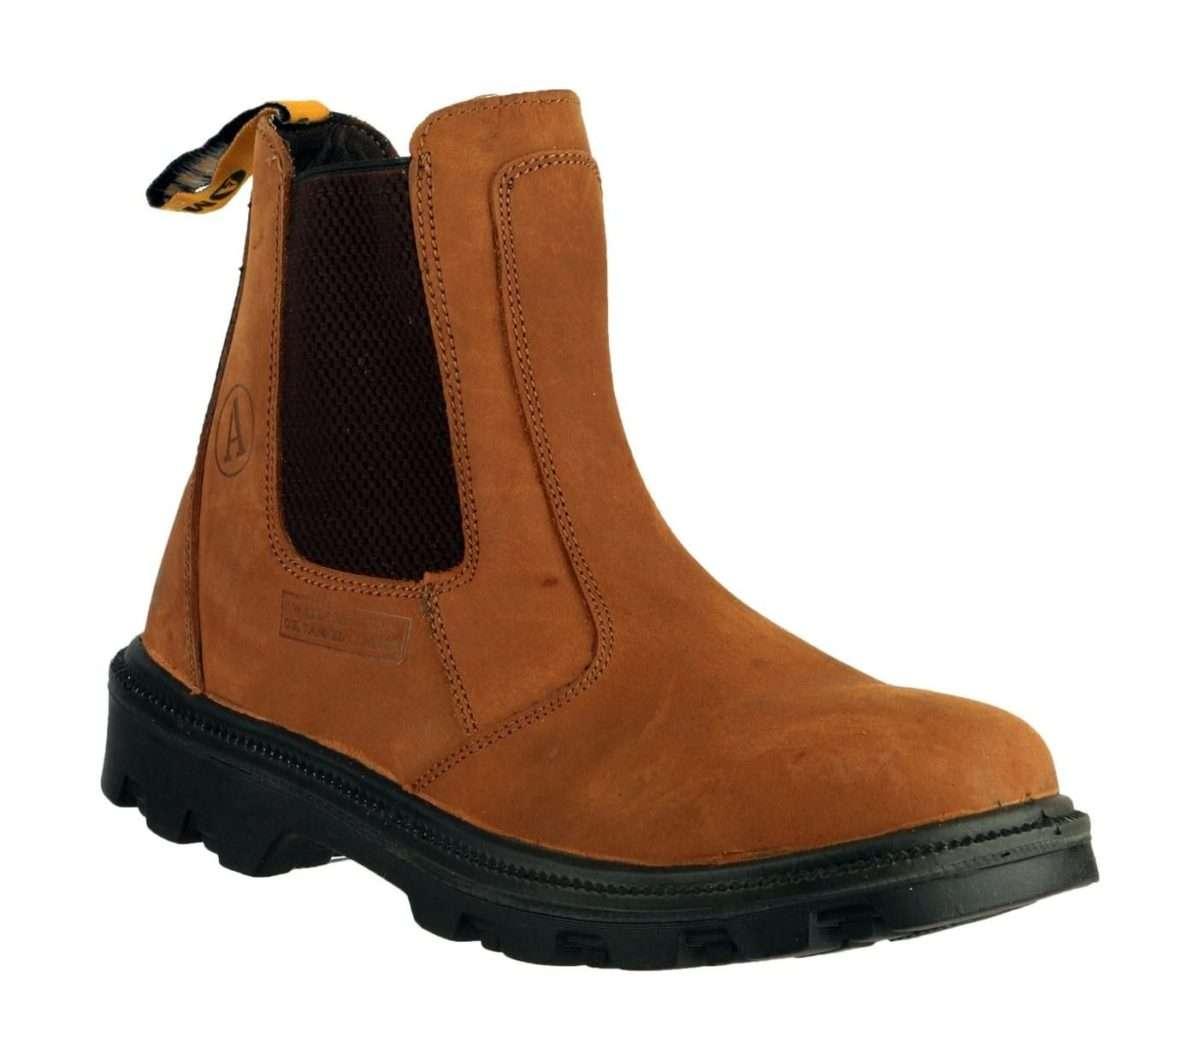 Amblers FS131 Safety Dealer Boot